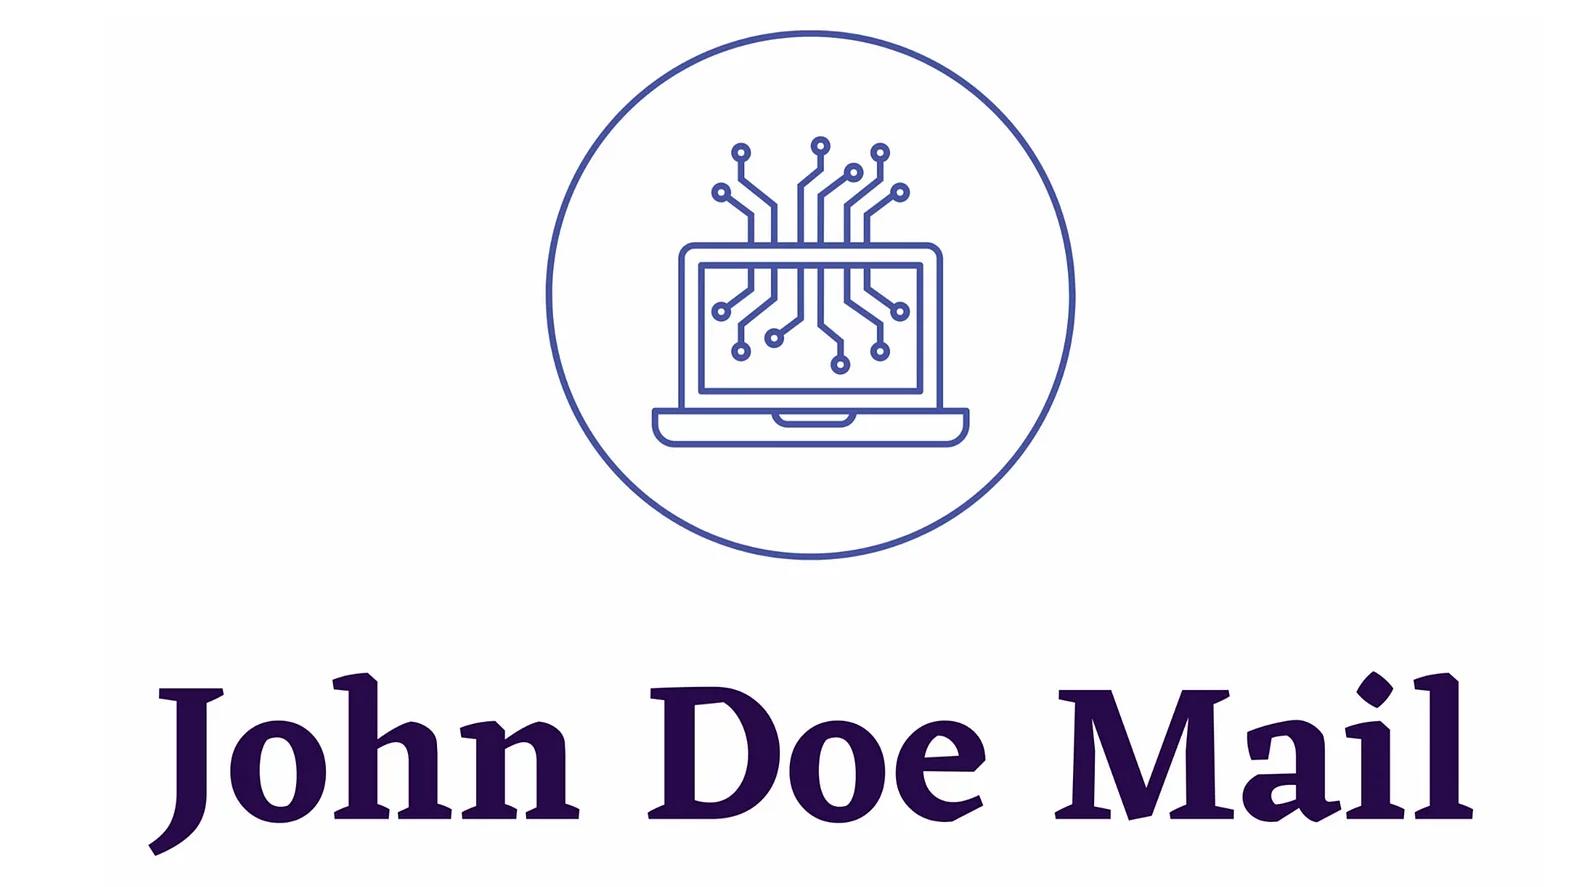 John Doe Mail